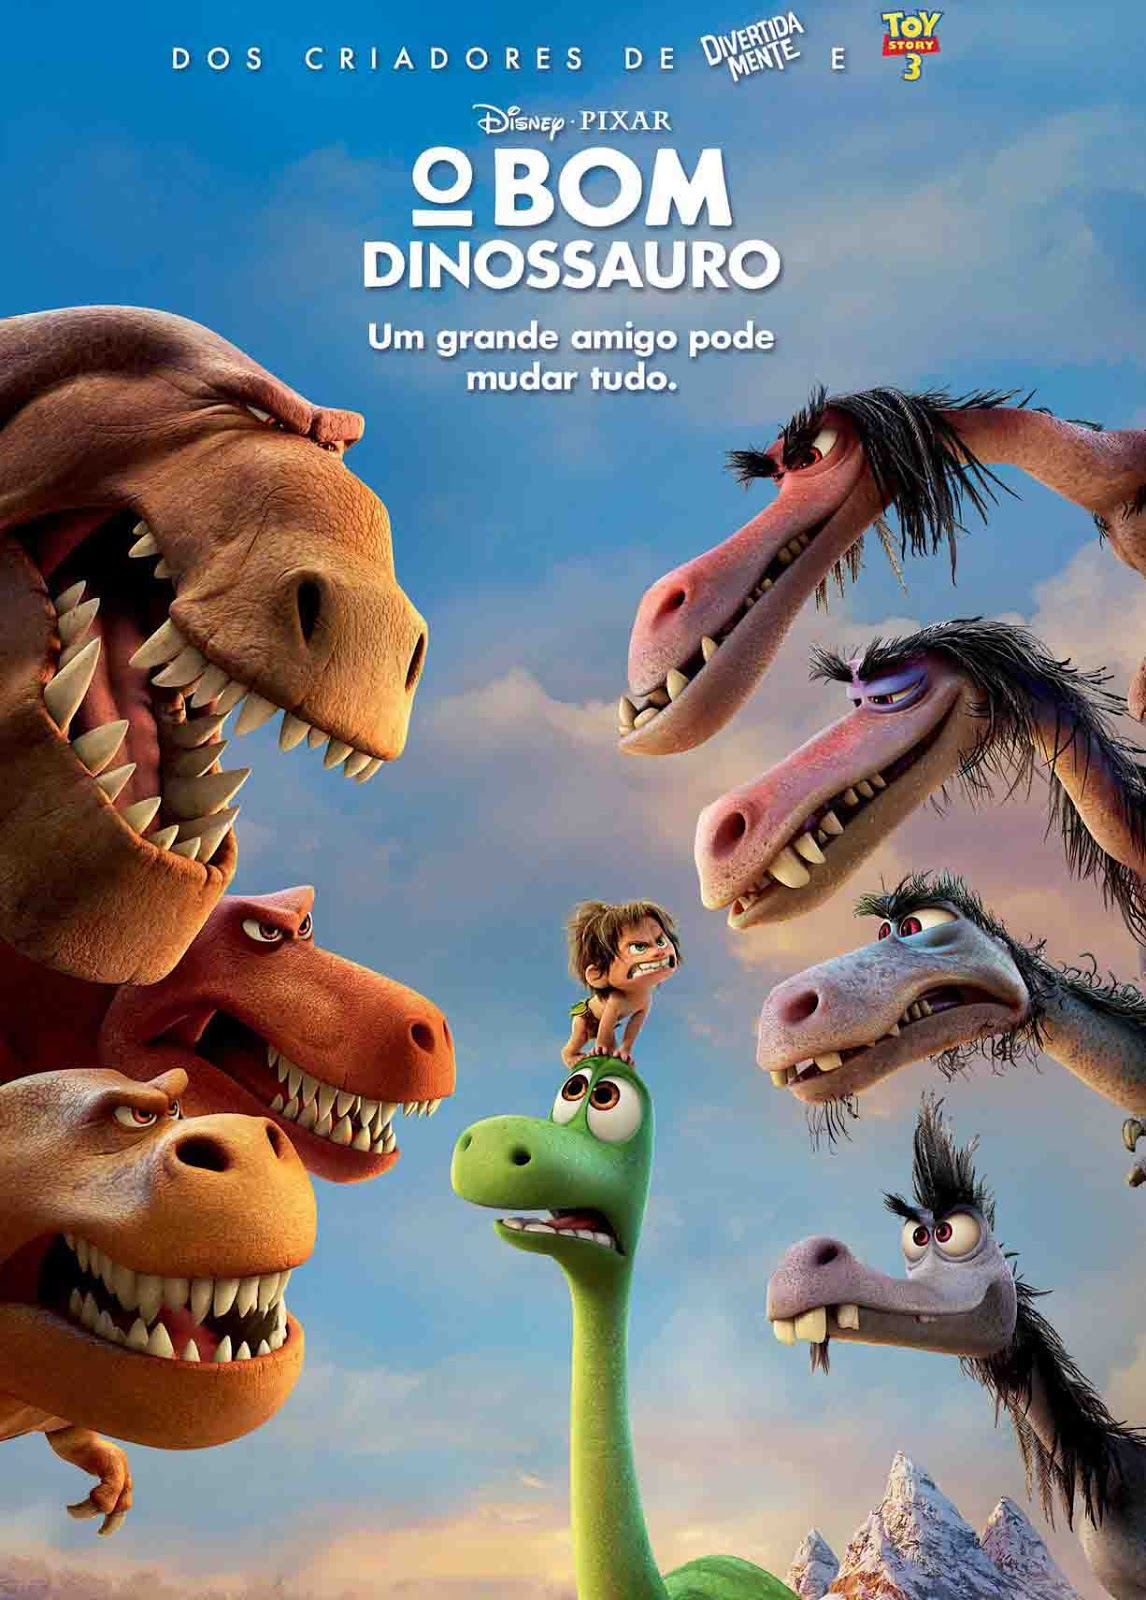 O Bom Dinossauro Torrent – Blu-ray Rip 720p e 1080p Dual Áudio (2016)